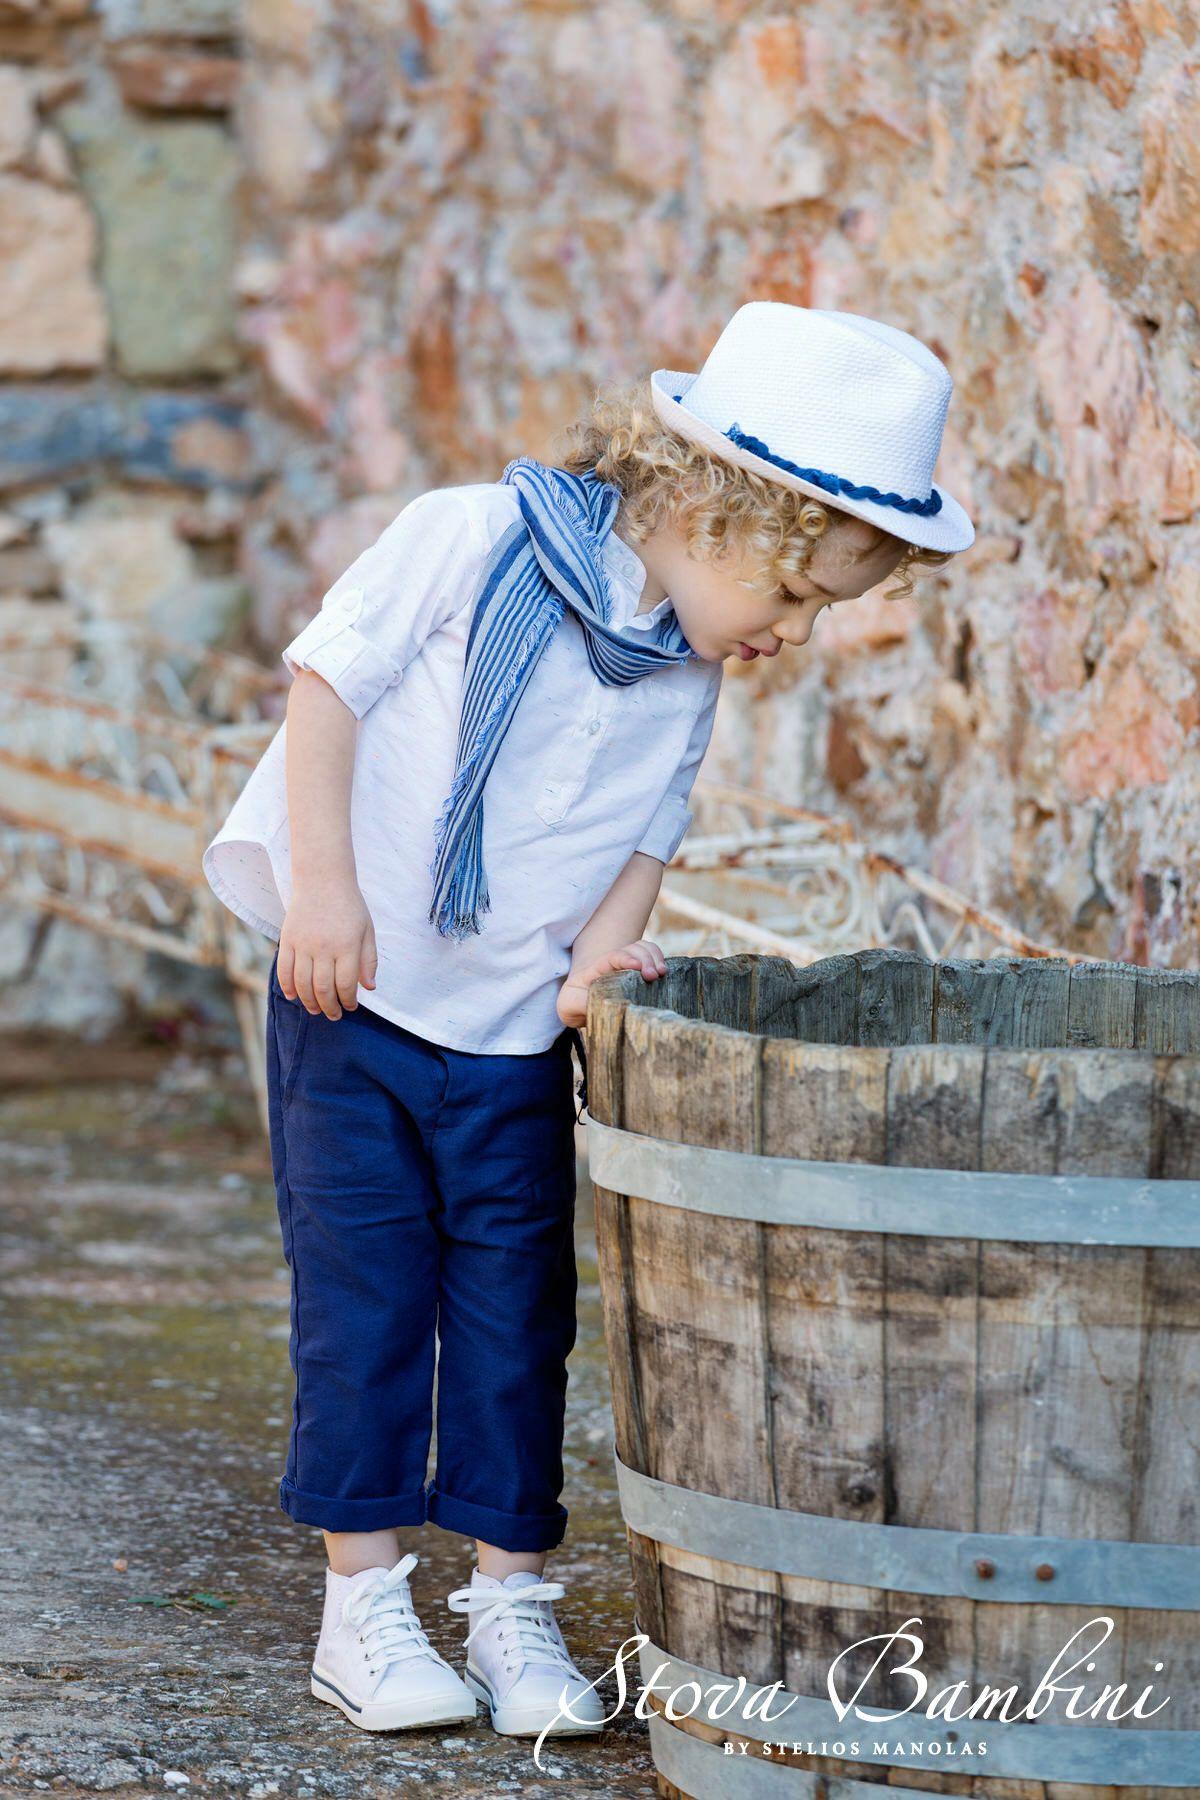 af08ce69d72 ΒΑΠΤΙΣΤΙΚΟ ΡΟΥΧΟ STOVA BAMBINI   STOVA BAMBINI   Boy baptism outfit ...